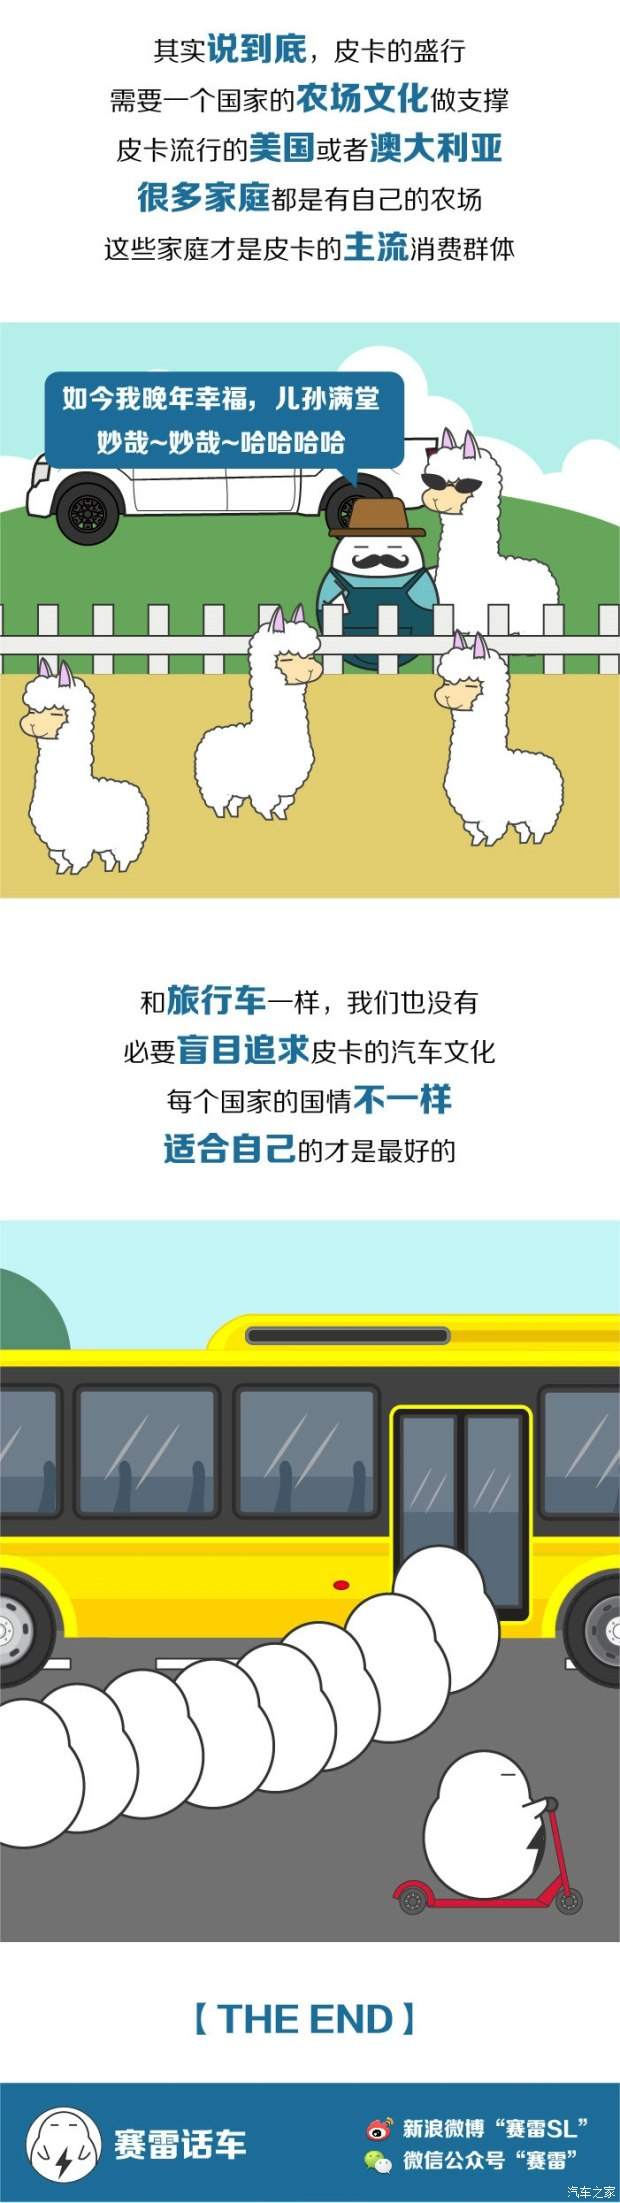 2016年汽车汽车强制险标志_为什么美国佬要开中国人看不上的车?_车猫二手车